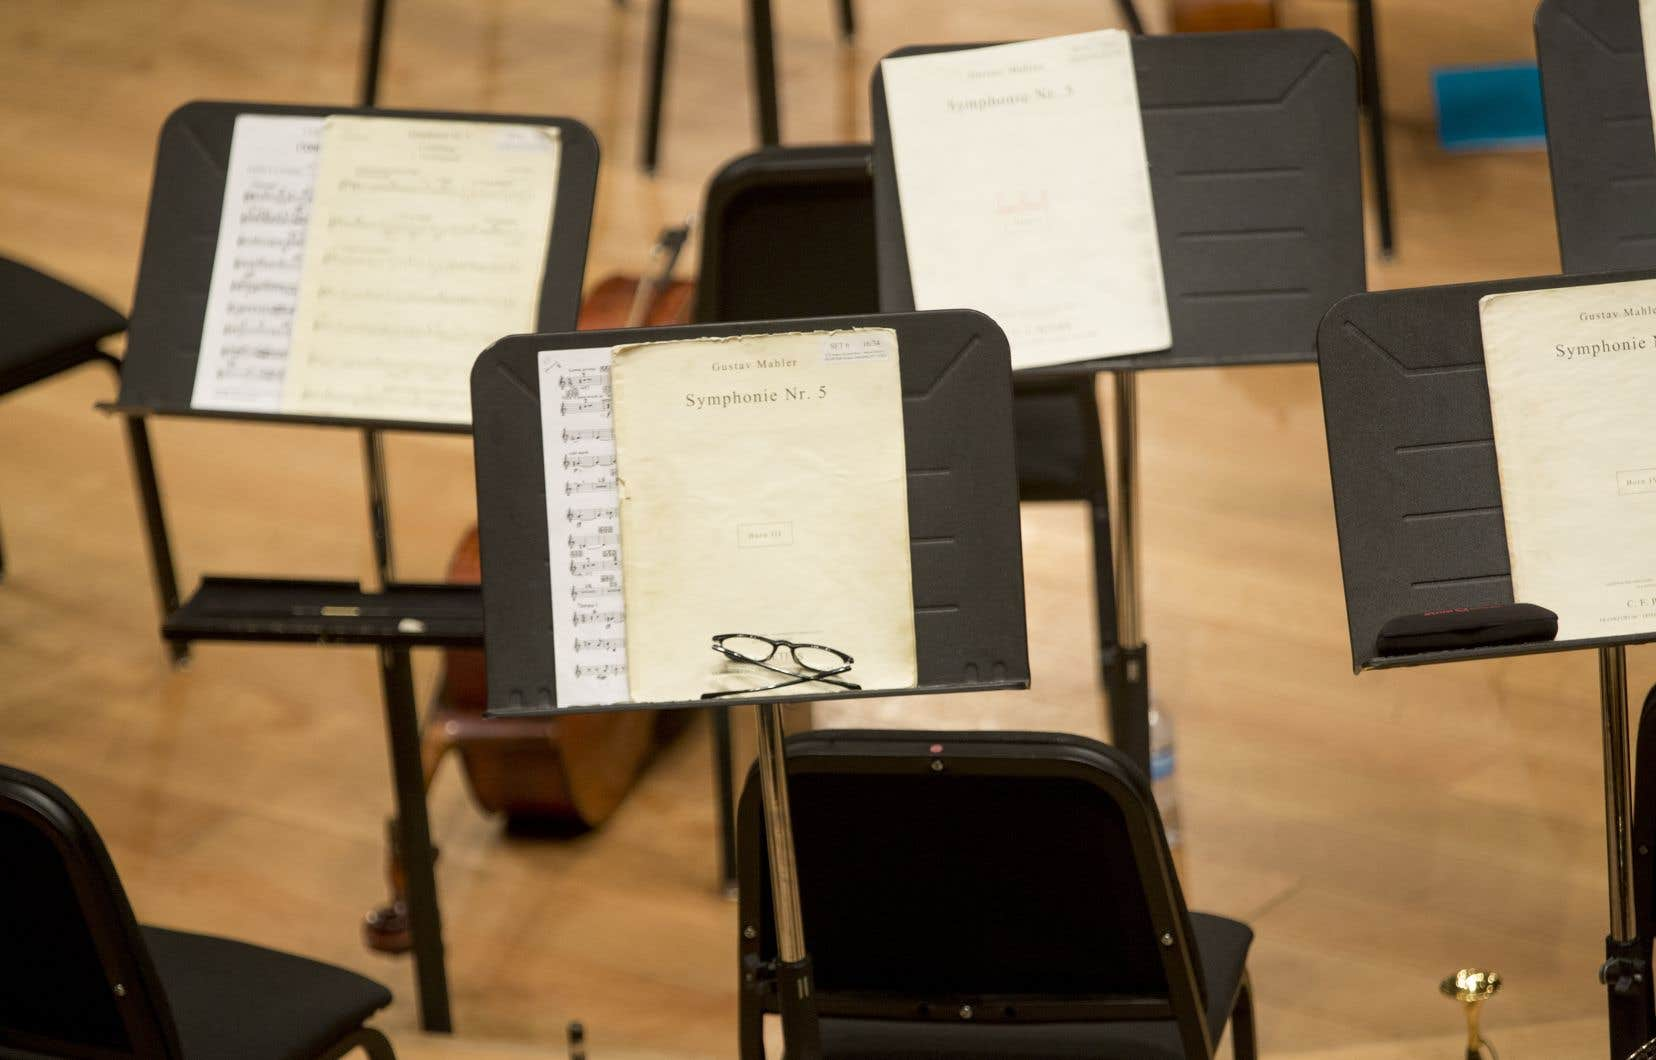 L'auteur se fonde sur sa longue implication dans le domaine de la musique classique pour en appeler à une meilleure reconnaissance du secteur culturel.